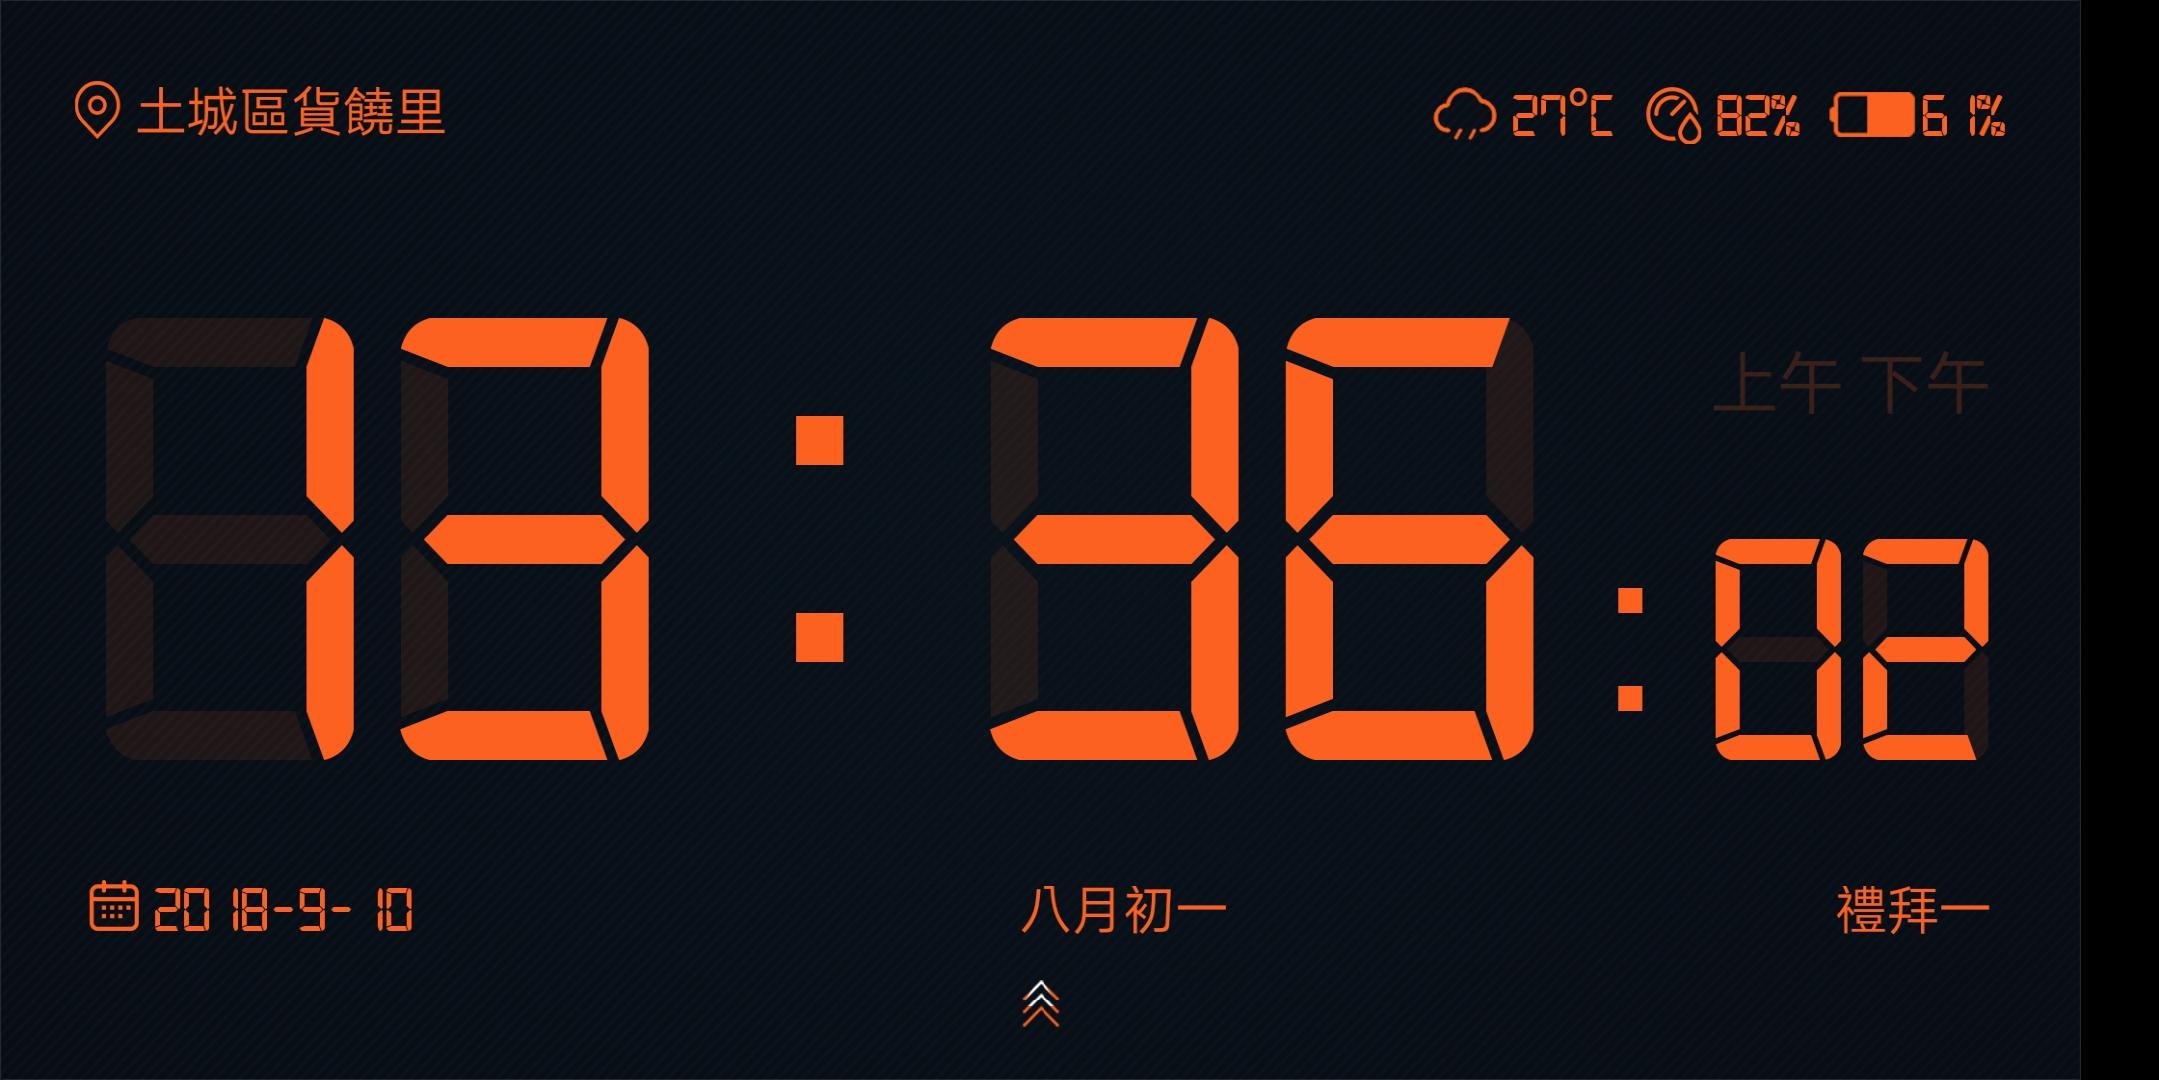 讓手機無線充電的同時也能當時鐘的 APP - 桌面時鐘 - 傳說中的挨踢部門